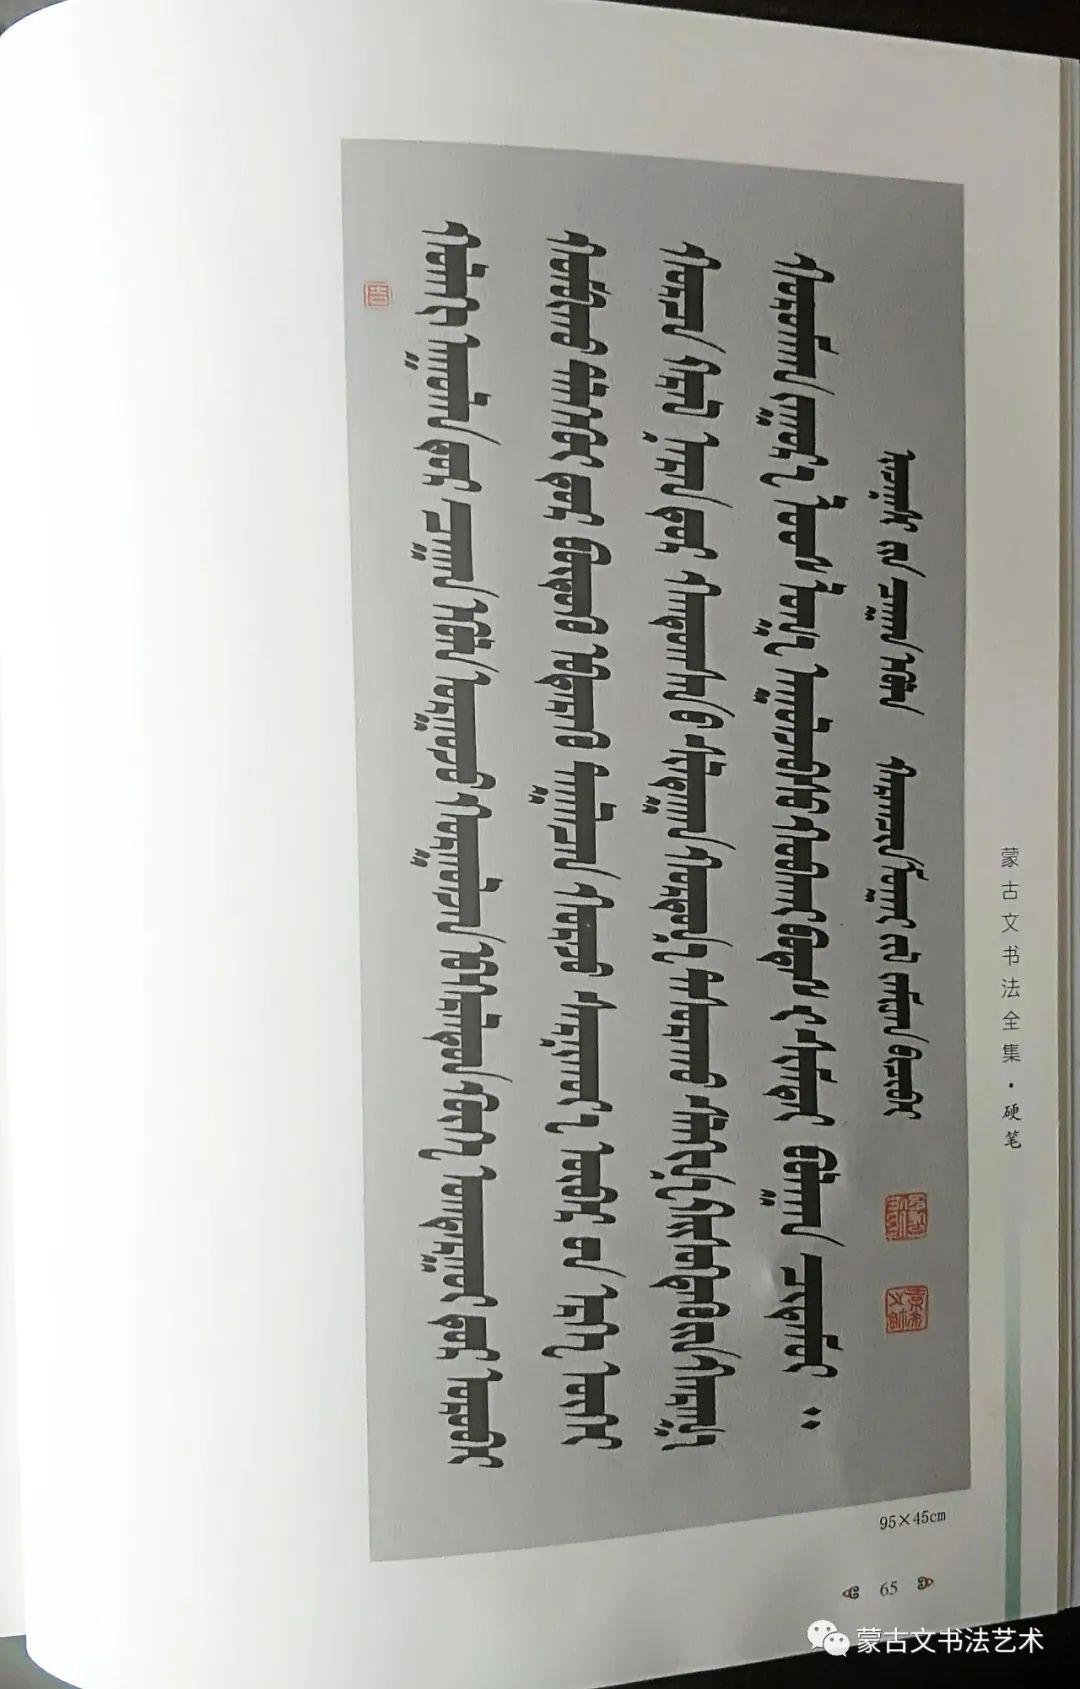 蒙古文书法全集 第23张